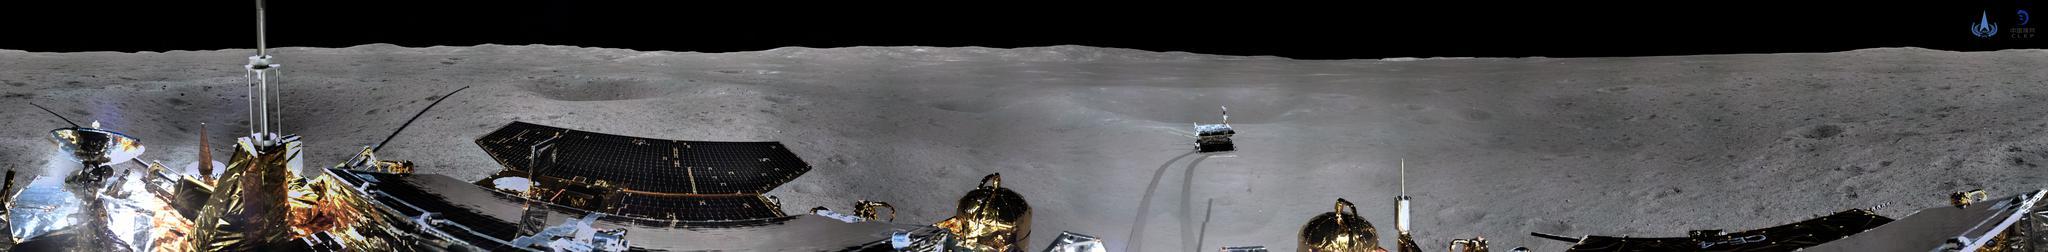 嫦娥四号着陆器地形地貌相机环拍全景图(圆柱投影)。国家航天局供图